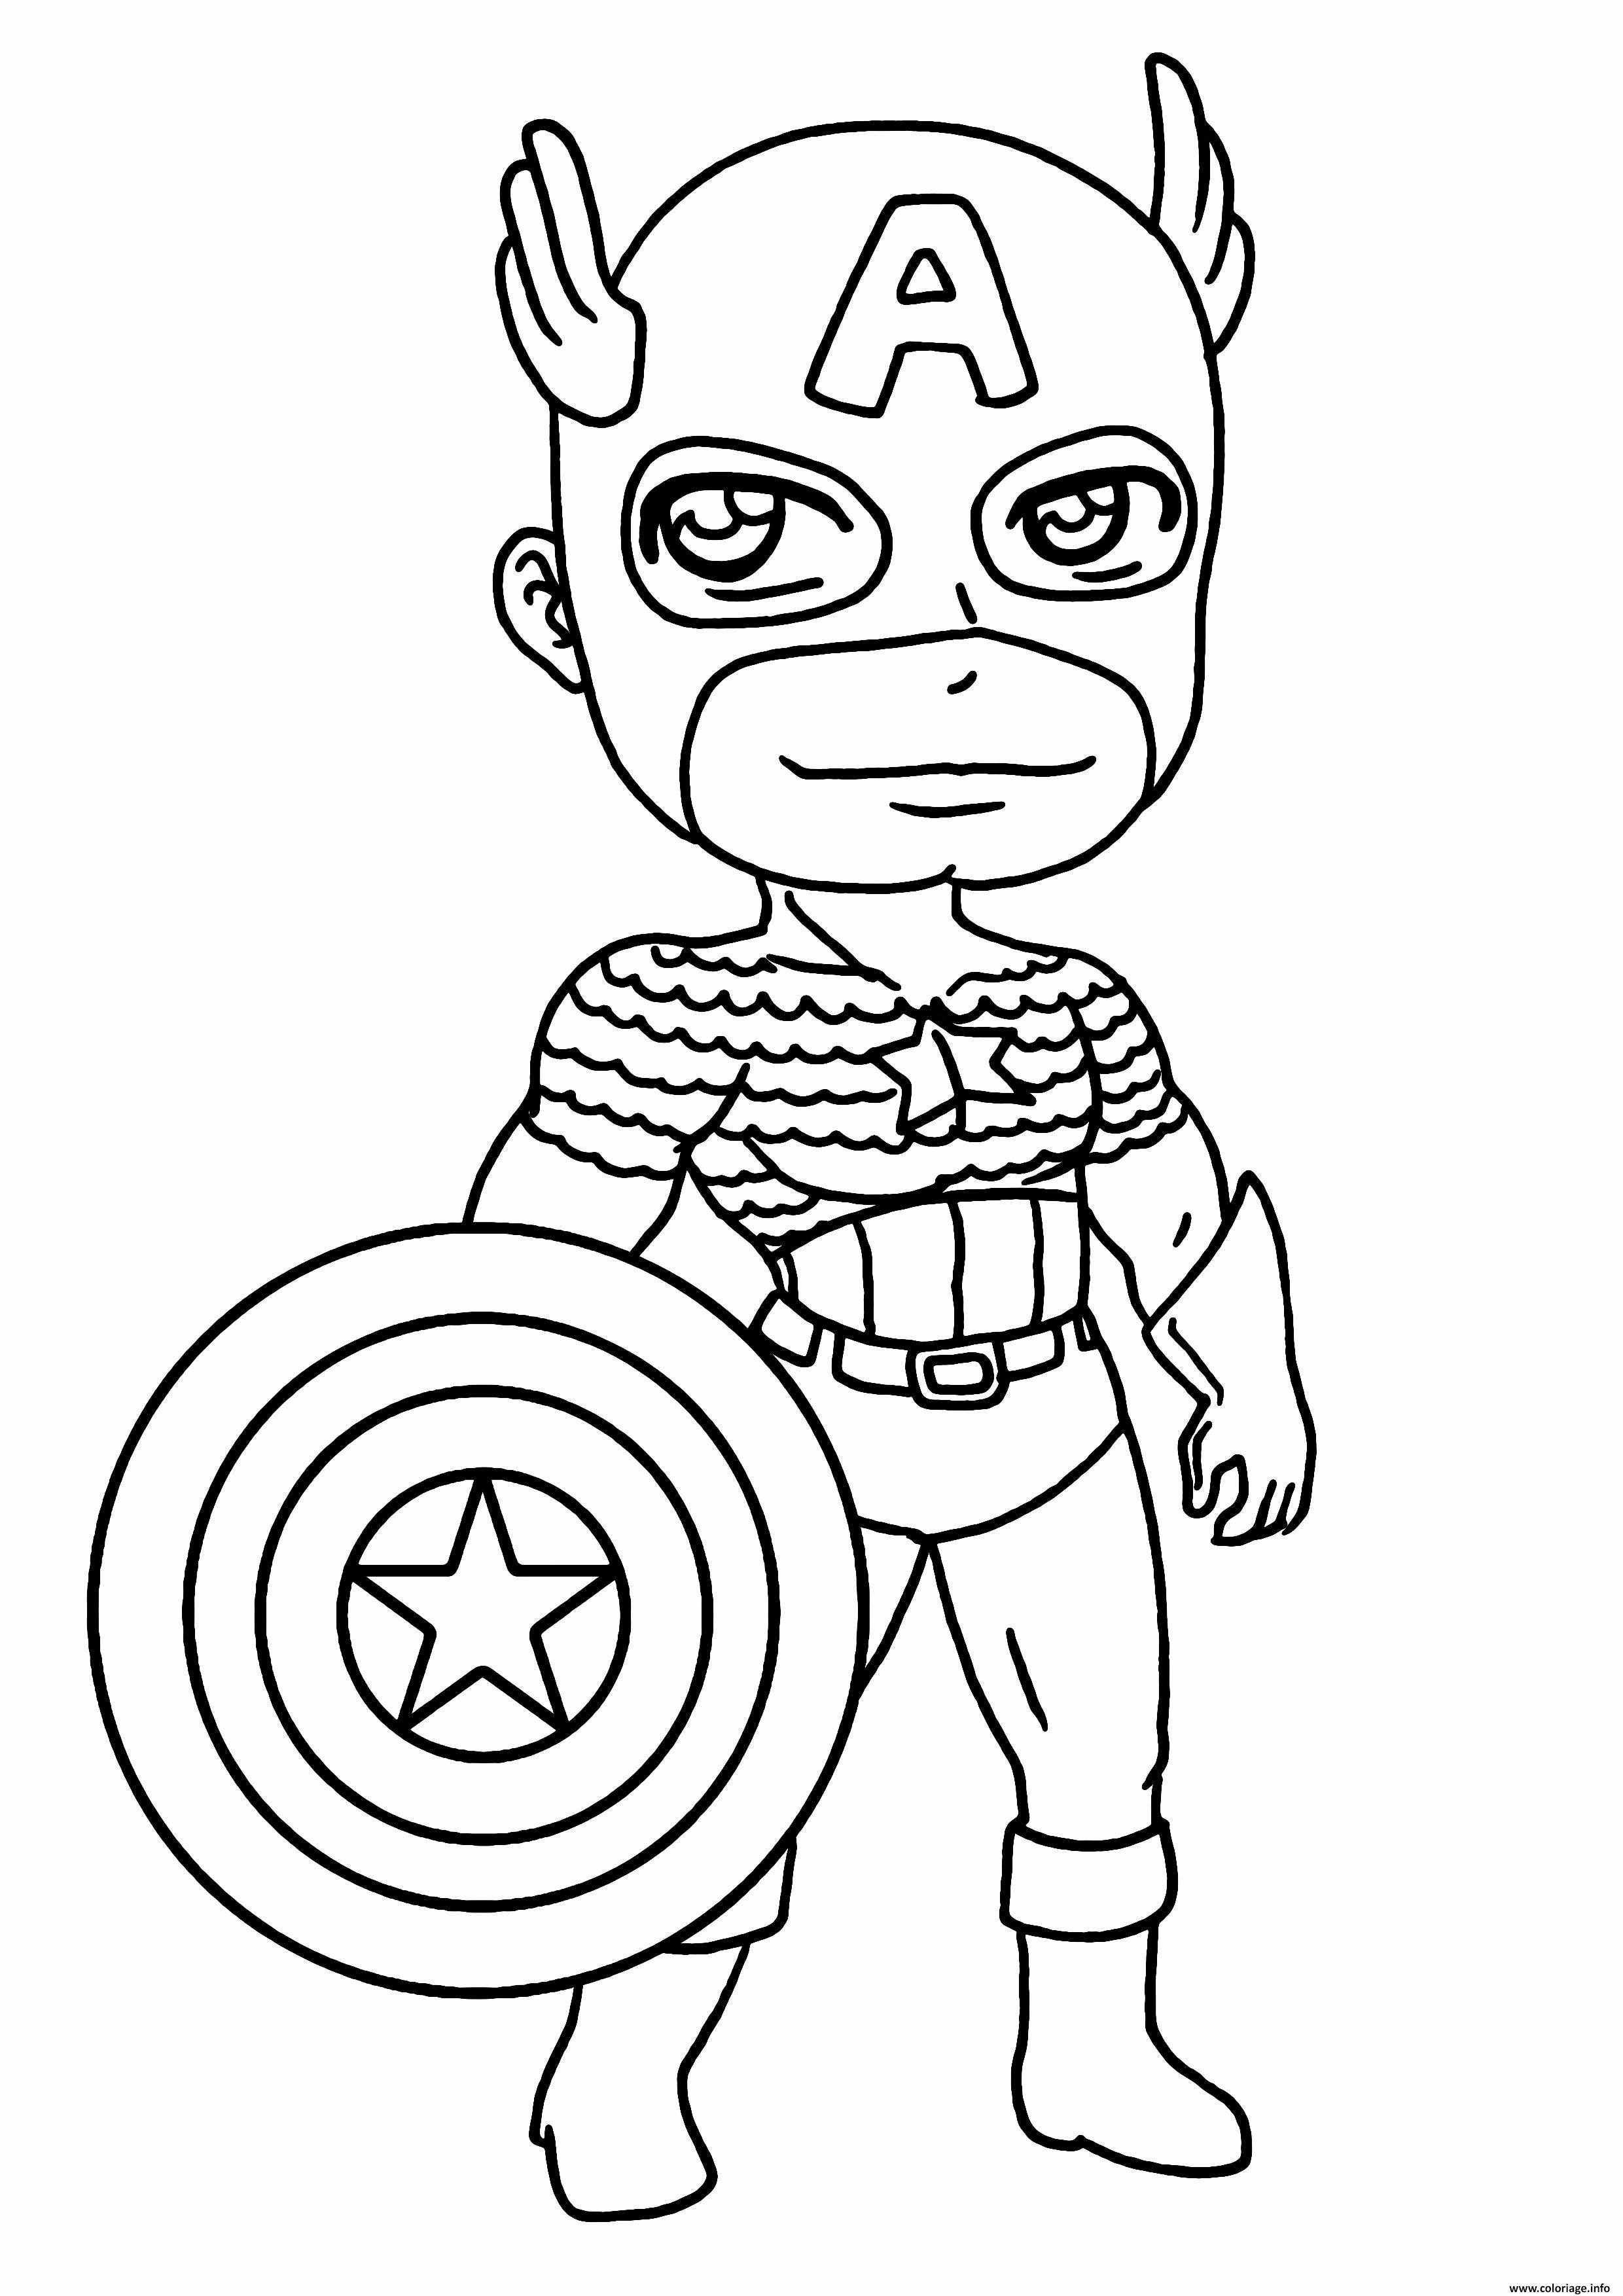 Coloriage Garcon Super Heros Capitaine America Dessin Garcon A Imprimer